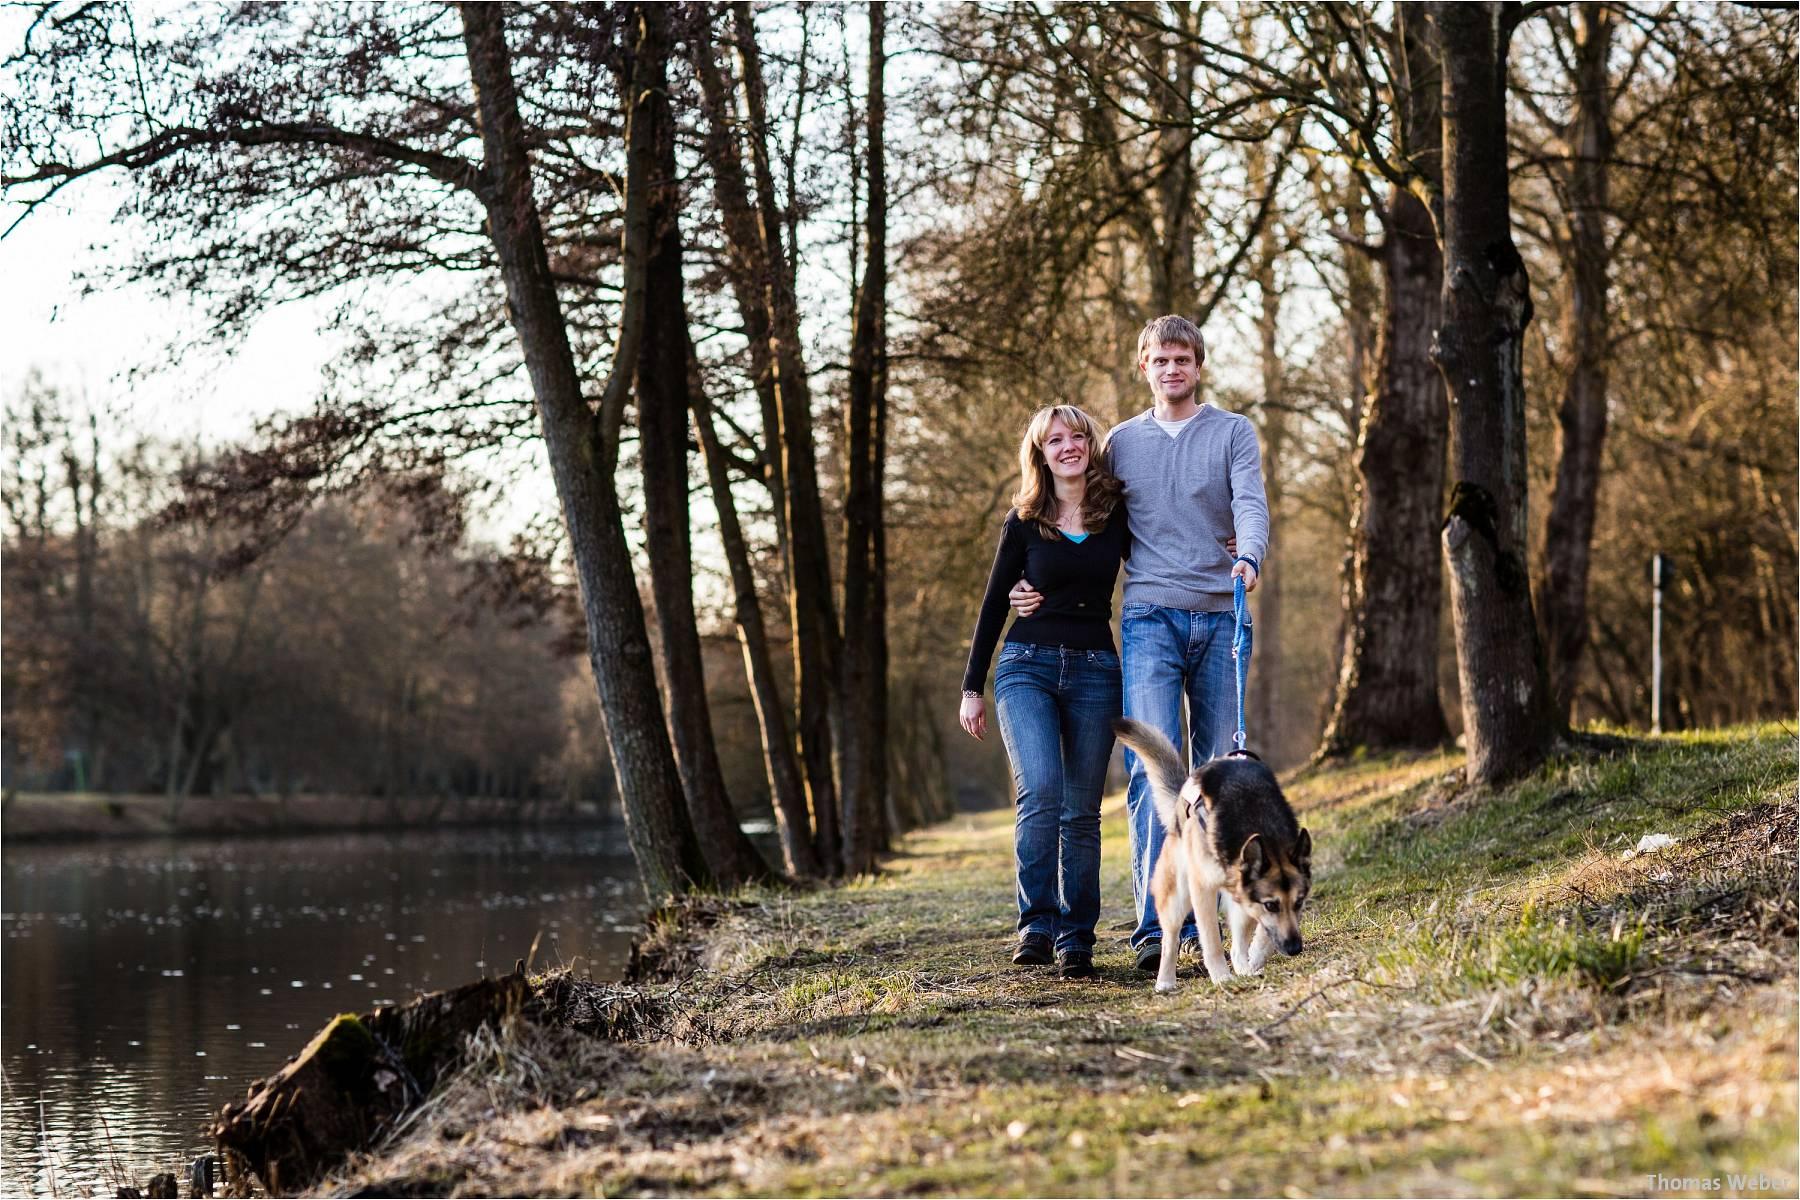 Hochzeitsfotograf Wilhelmshaven: Engagement- und Verlobungsfotos für die Einladungskarten der Hochzeit (10)